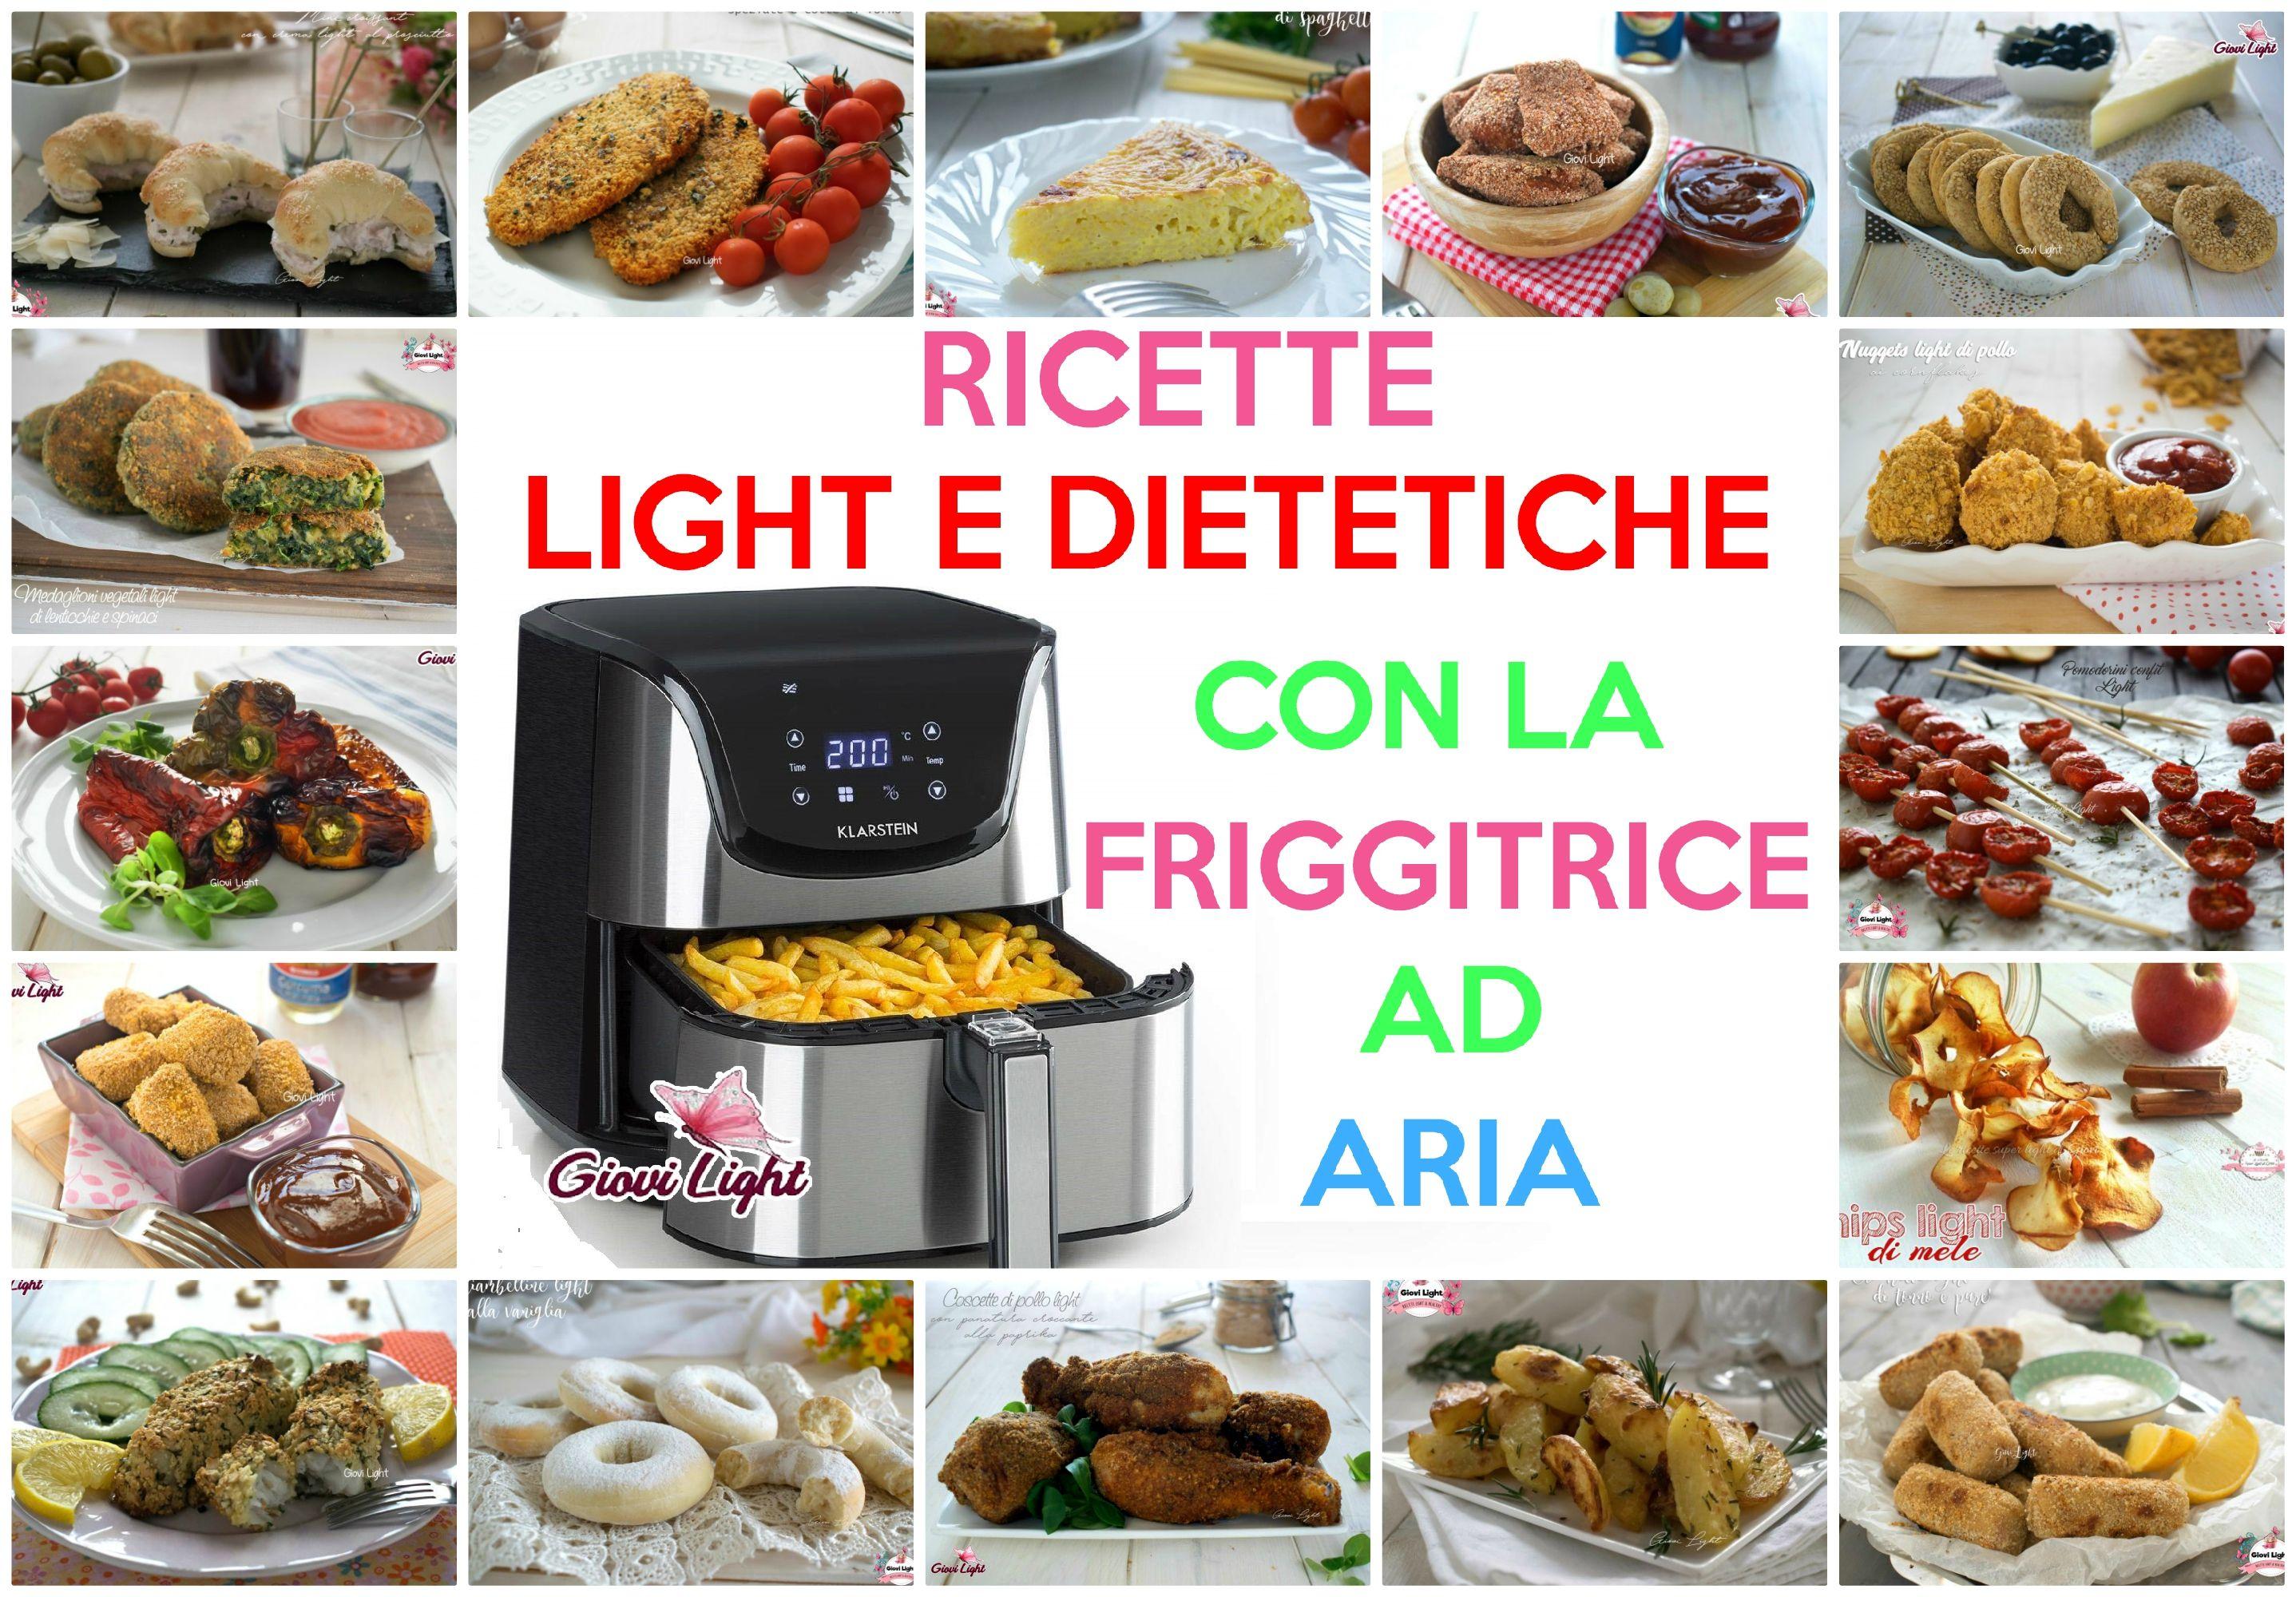 81b1ffb087d318cfa5b4ee0fdb017523 - Ricette Dietetiche